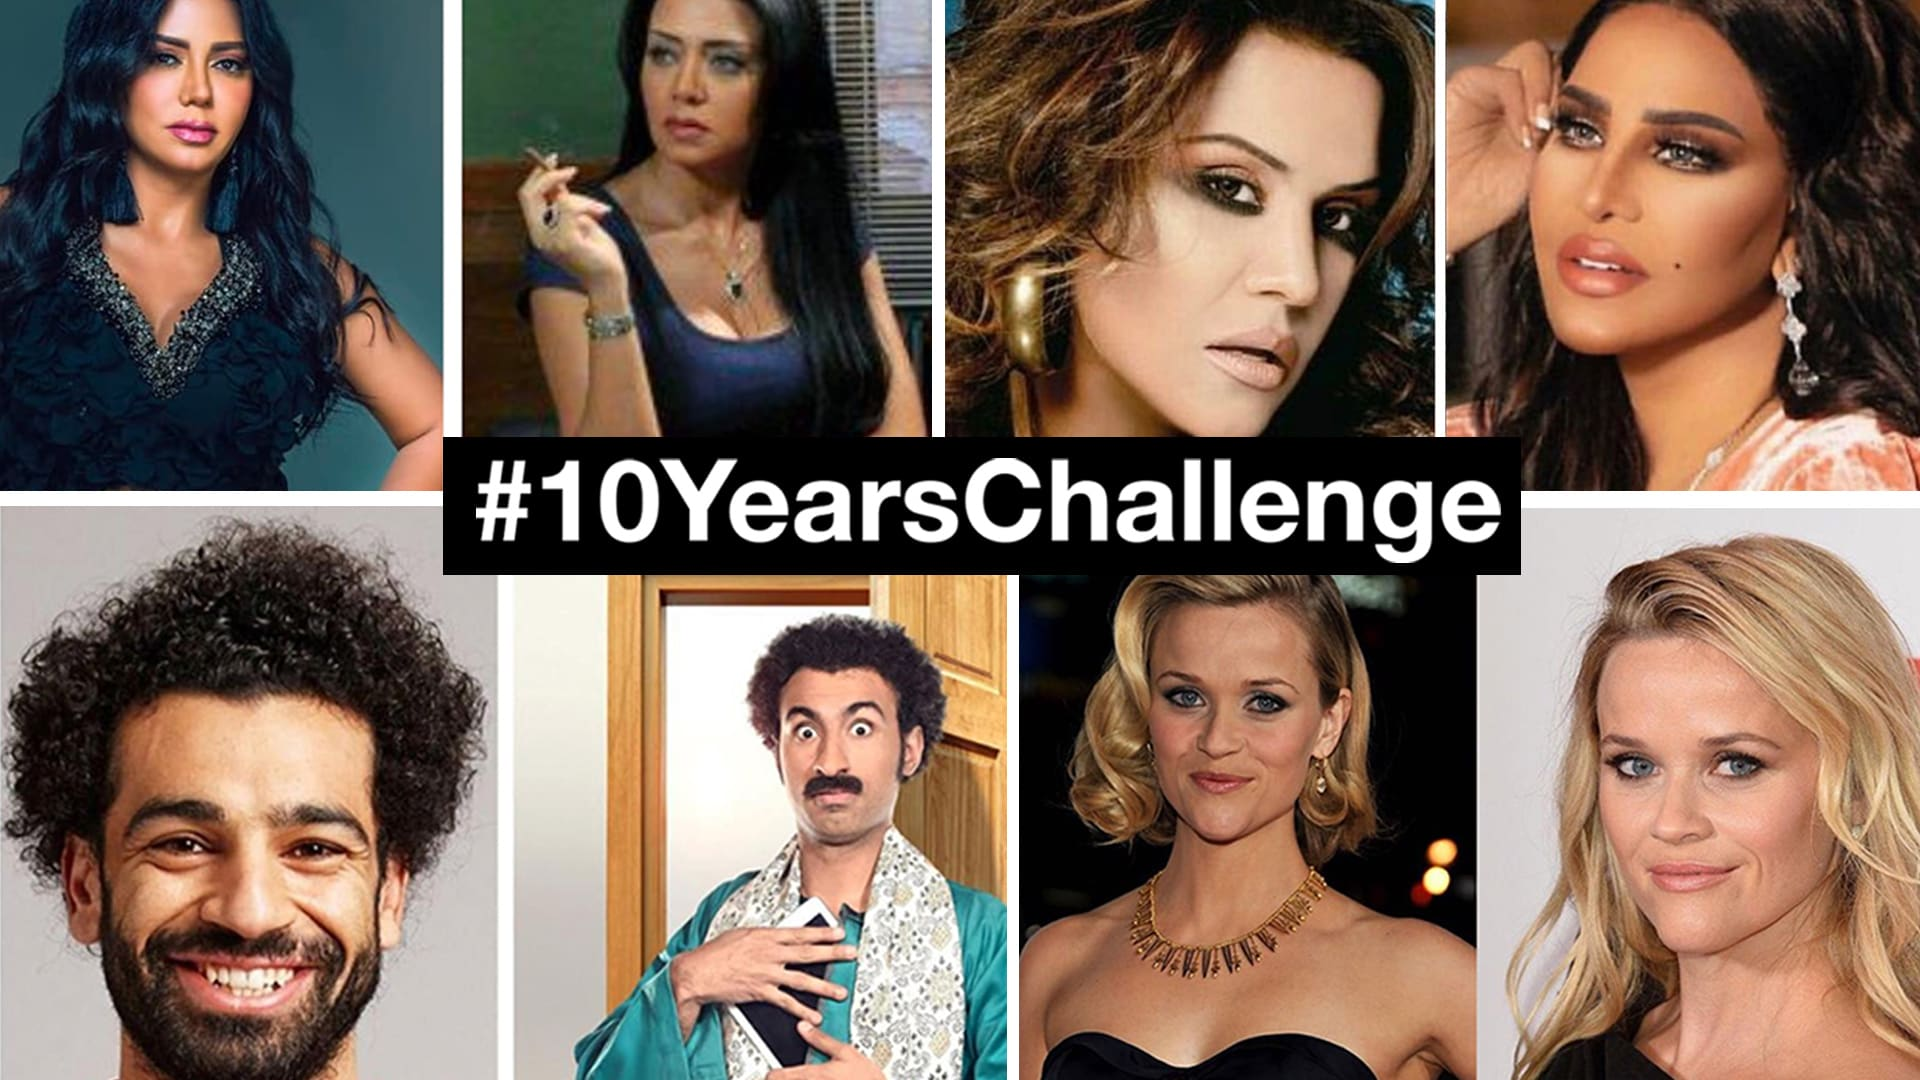 تحدي الـ10 سنوات يجتاح السوشيال ميديا.. كيف تغير شكلك؟